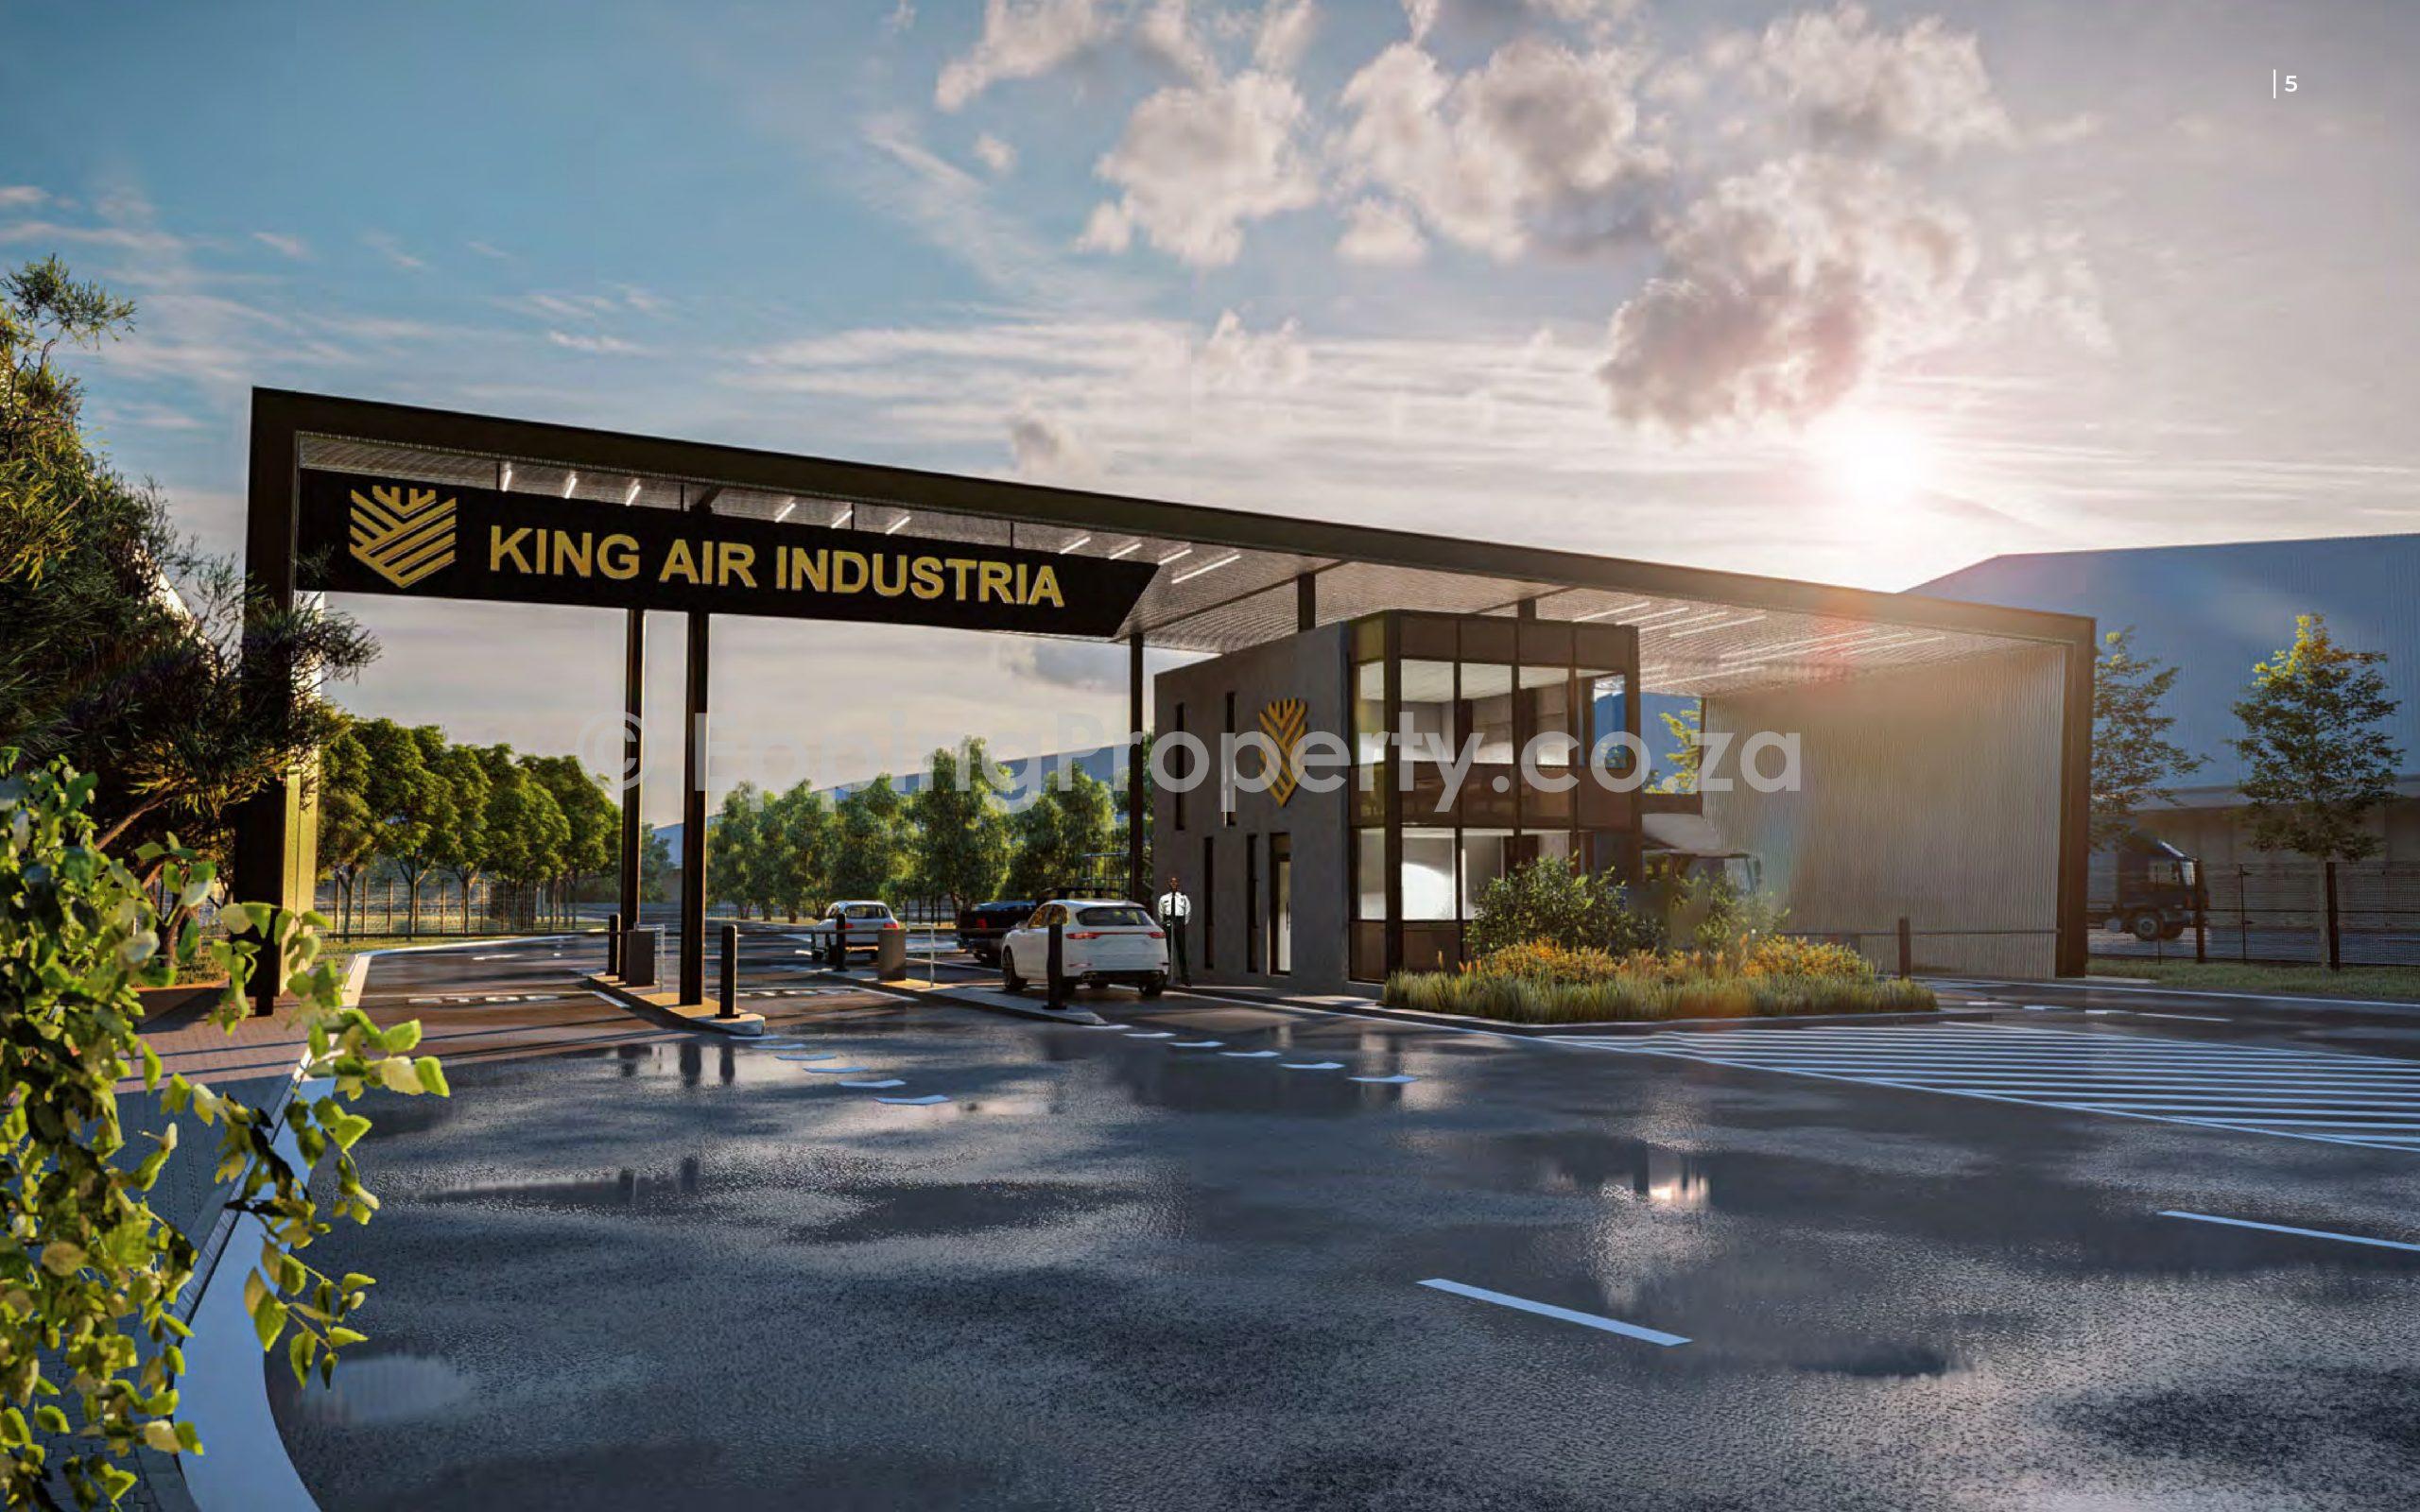 King Air Industria